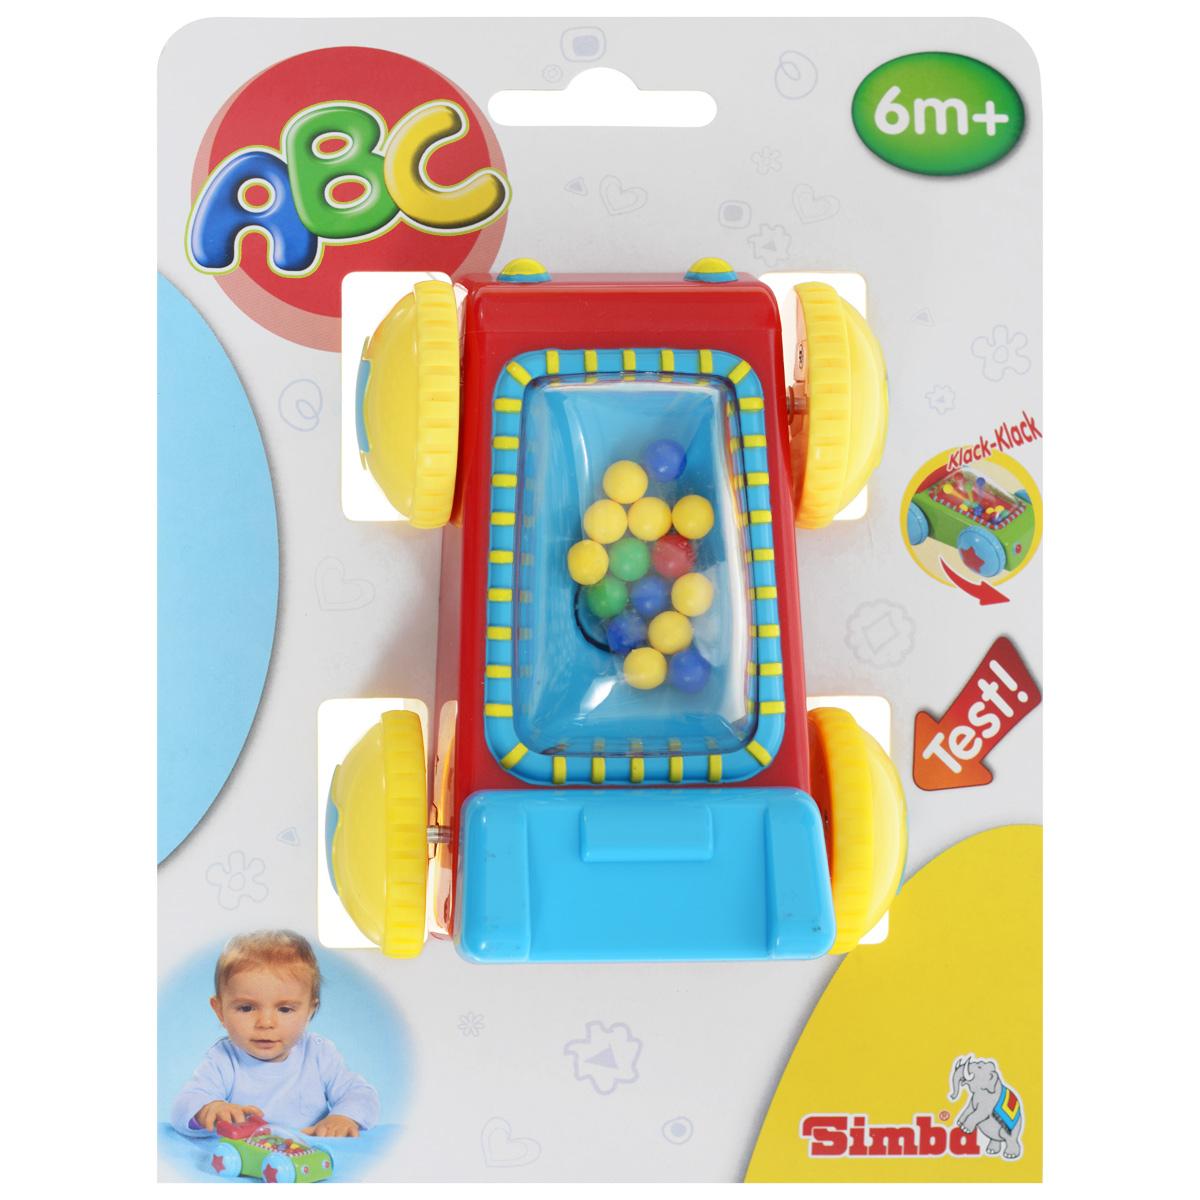 Simba Машинка-погремушка цвет красный желтый4014239_красныйКрасочная машинка-погремушка Simba понравится любому малышу. Игрушка изготовлена из высококачественного пластика ярких оттенков, ее удобно катать маленькой ручке. Во время движения разноцветные шарики подпрыгивают и ударяются об окошко. Благодаря данной игрушке ребенок будет развивать мелкую моторику и цветовое восприятие.